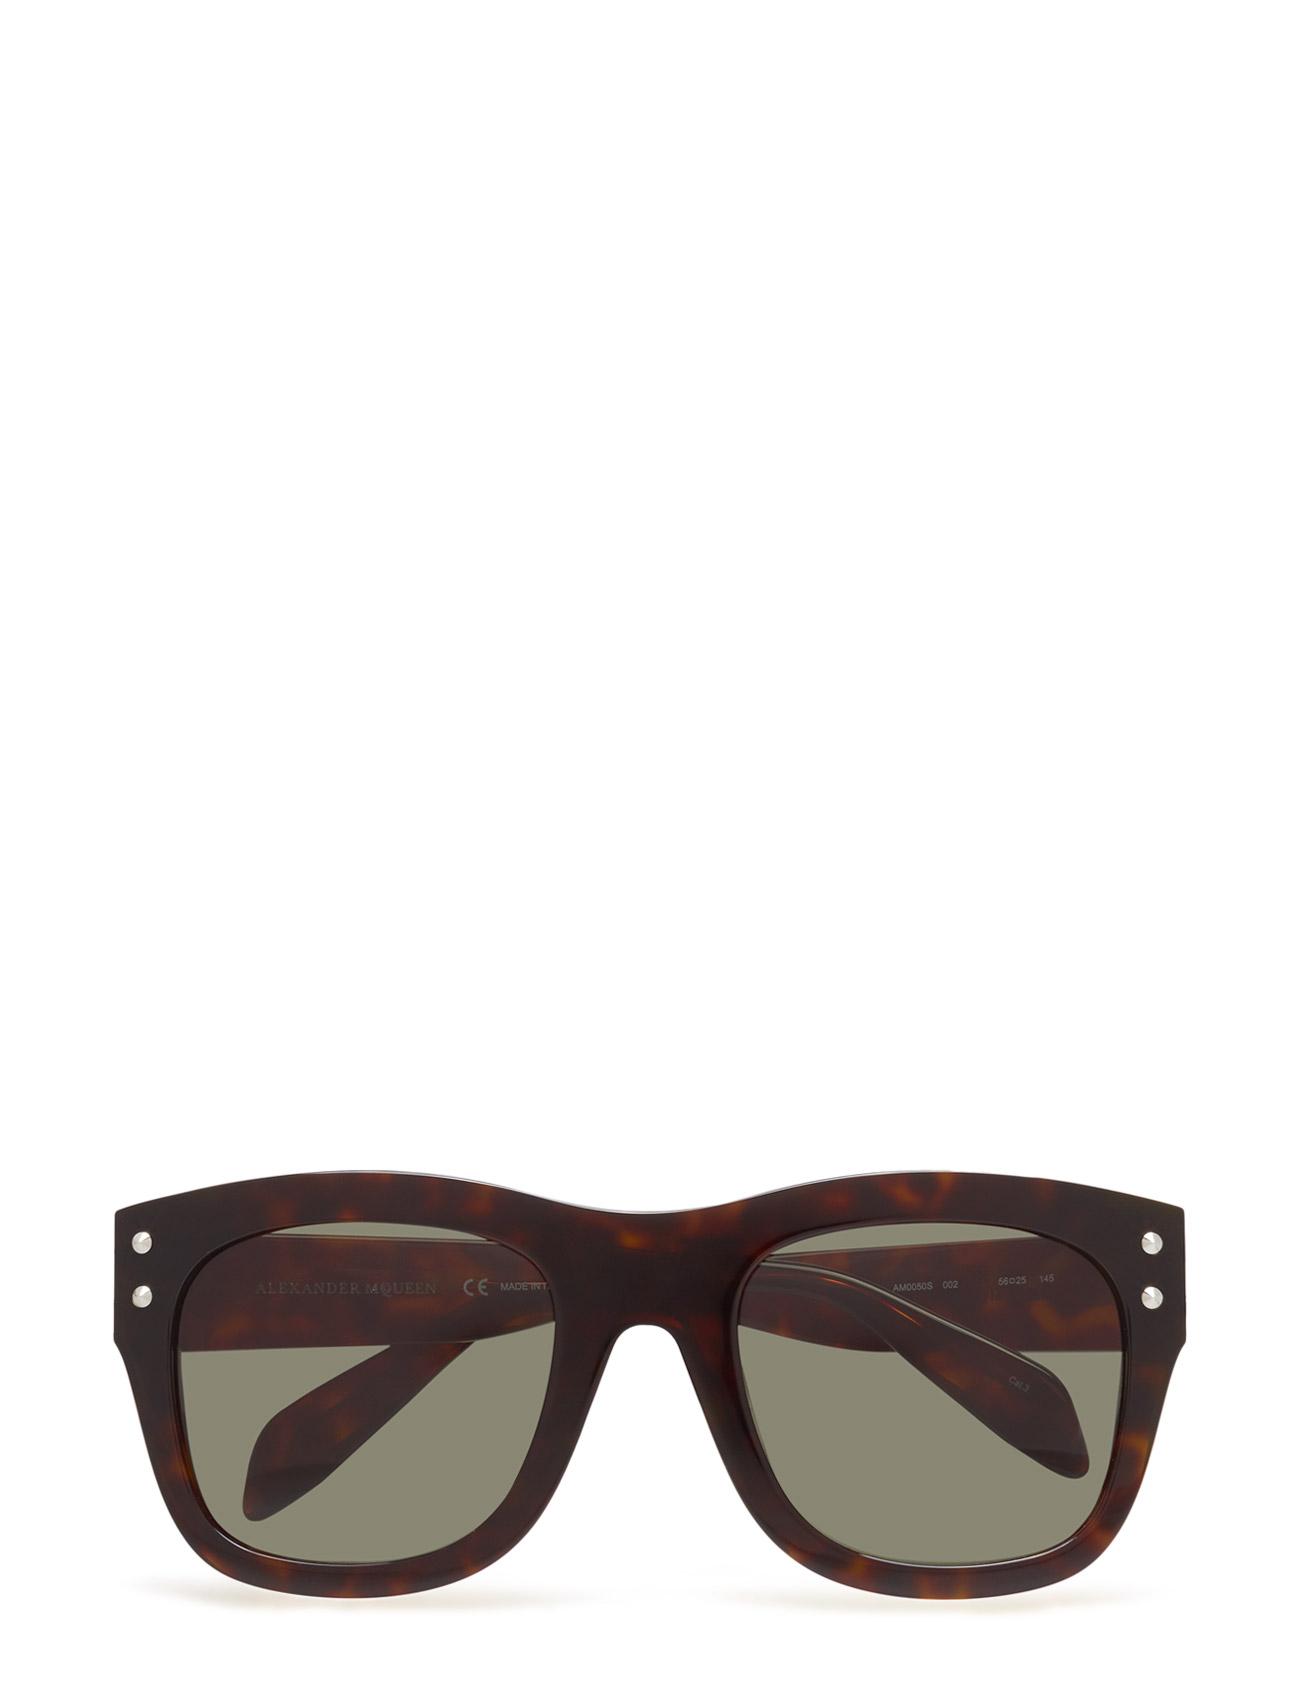 alexander mcqueen eyewear – Am0050s fra boozt.com dk